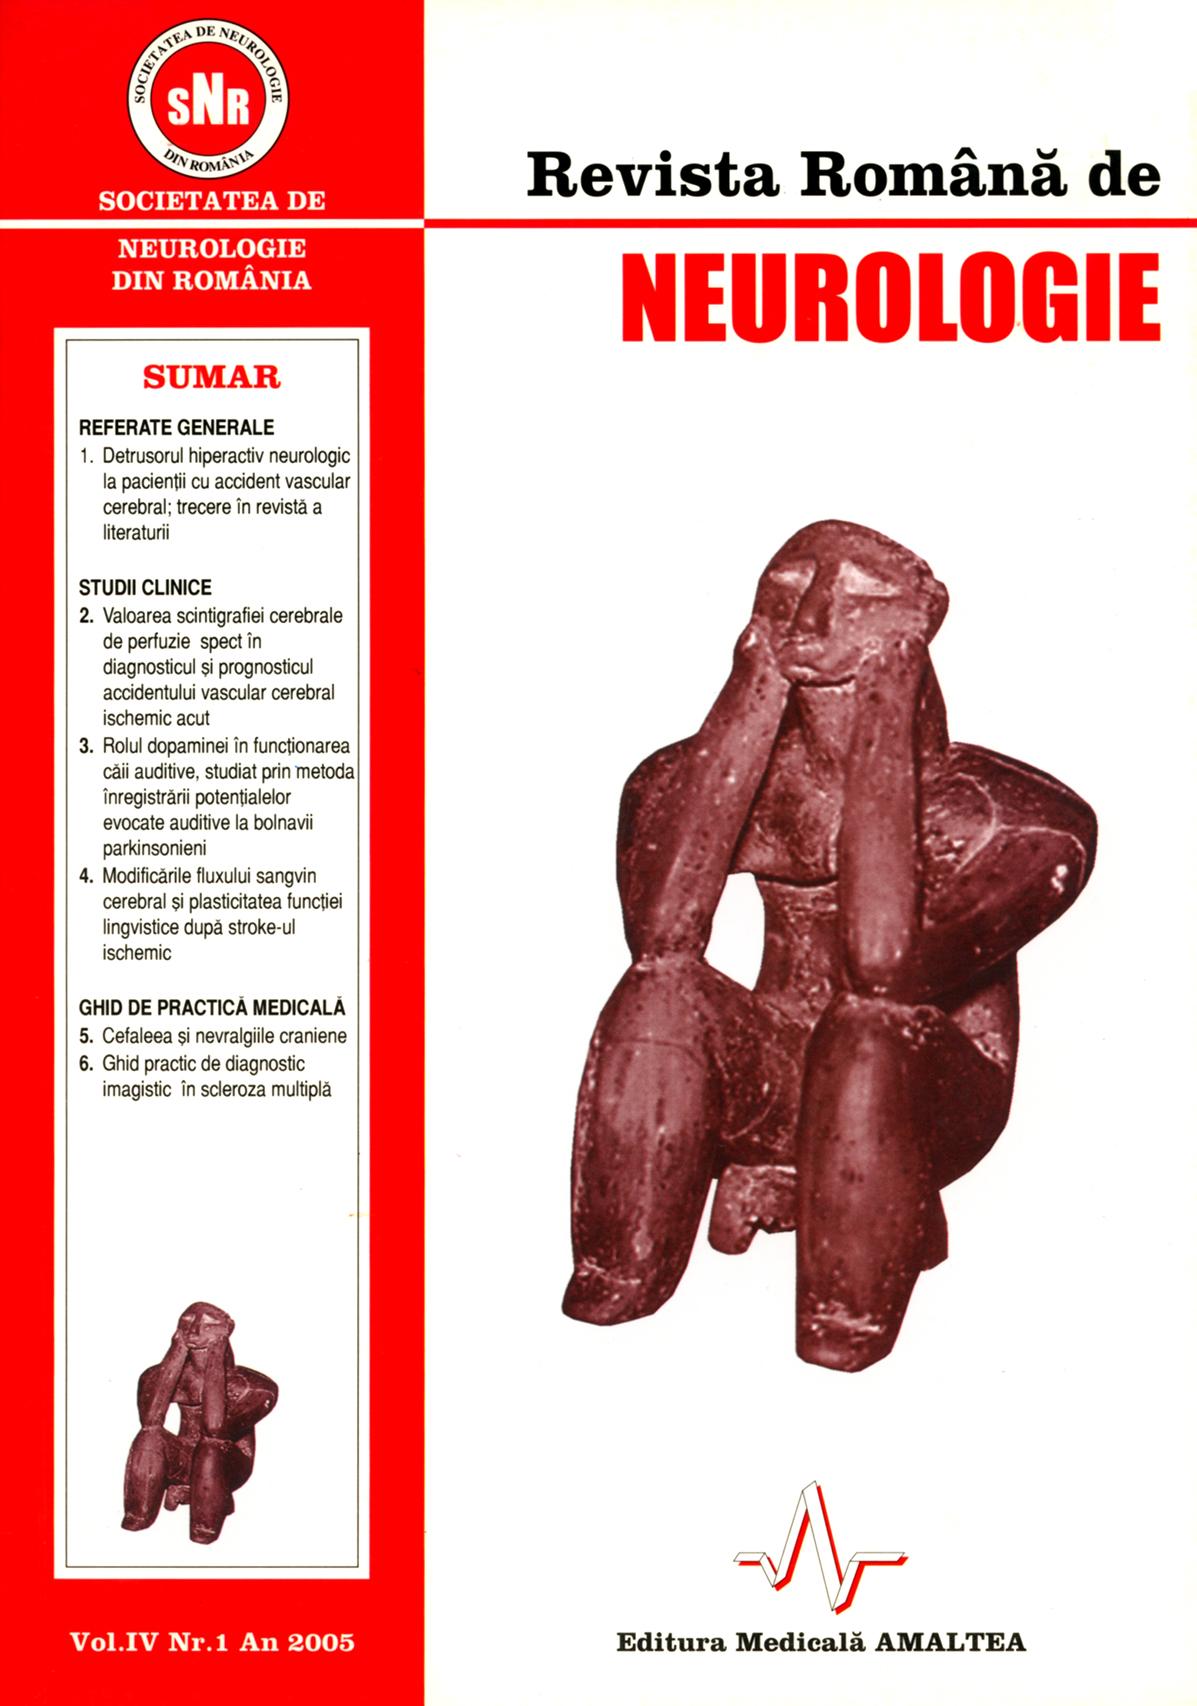 Romanian Journal of Neurology, Volume IV, No. 1, 2005